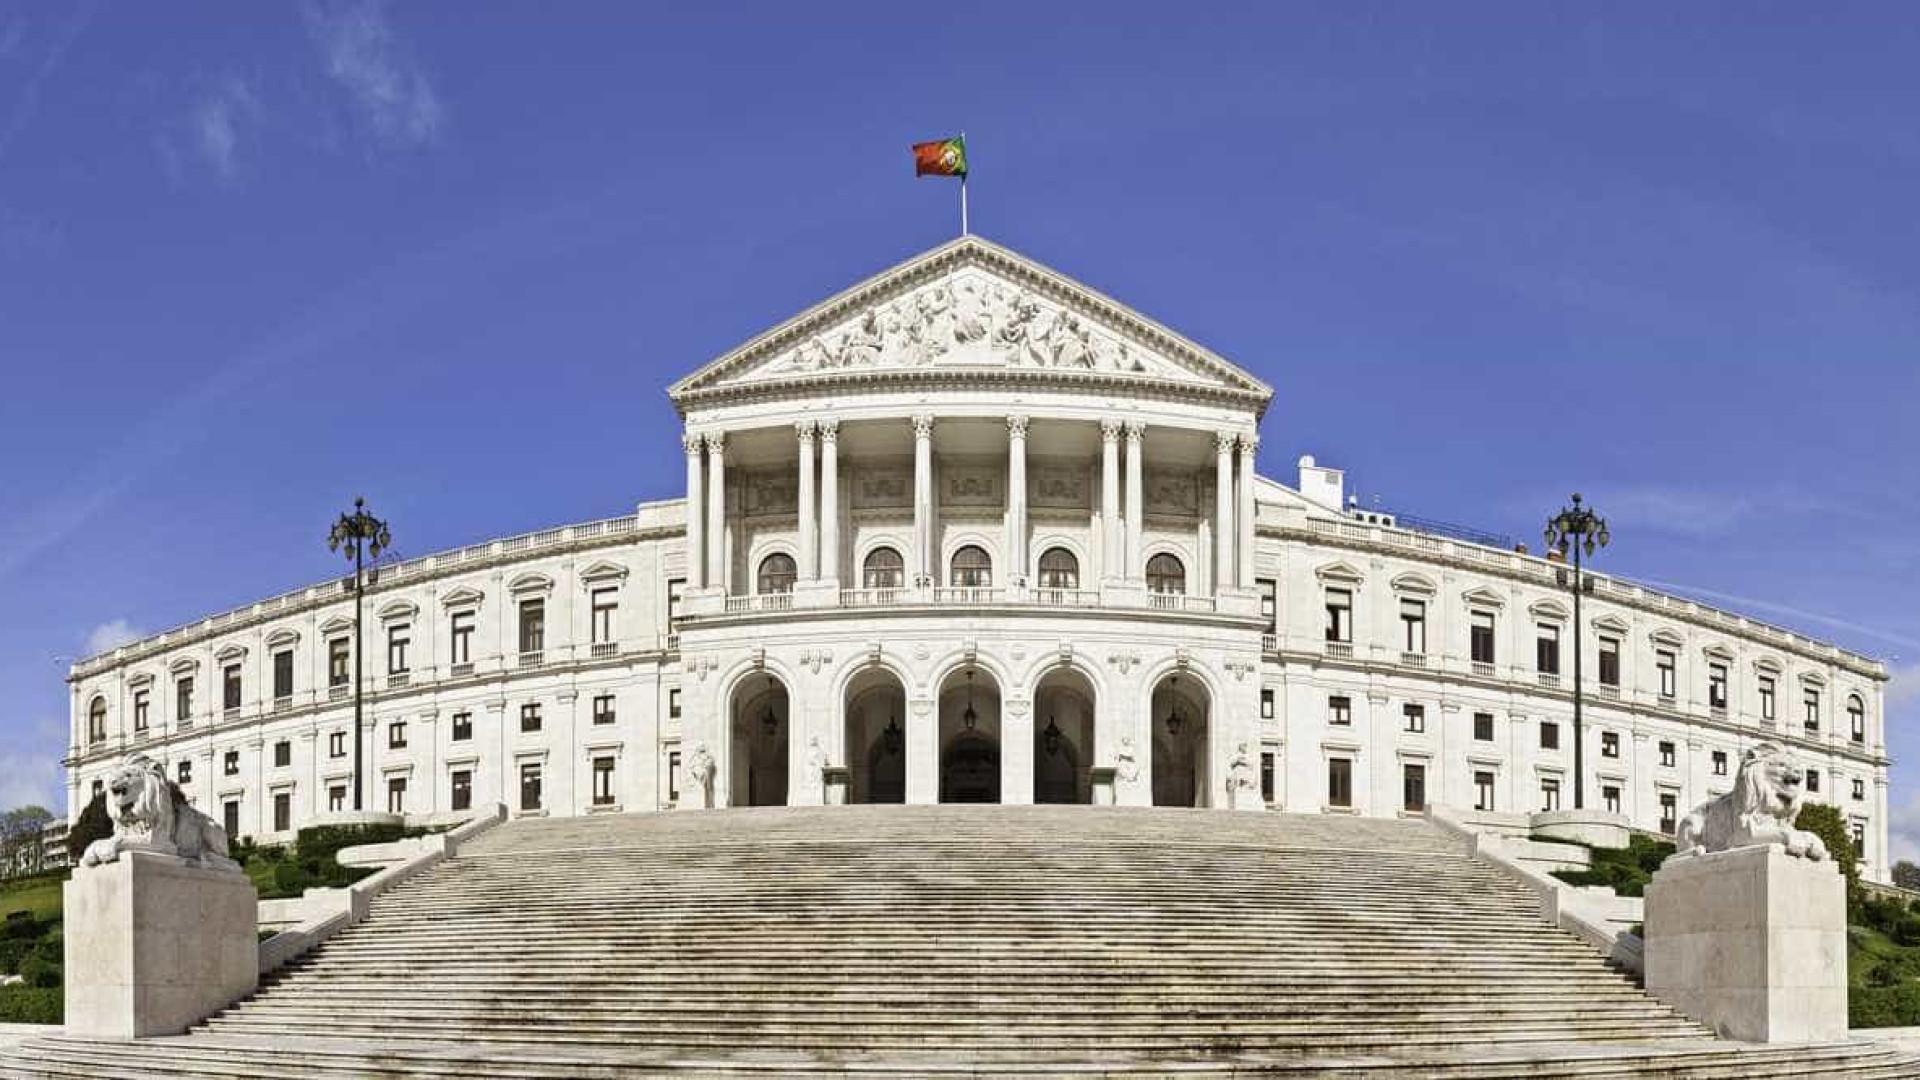 Parlamento discute recomendações para que CTT voltem à esfera do Estado